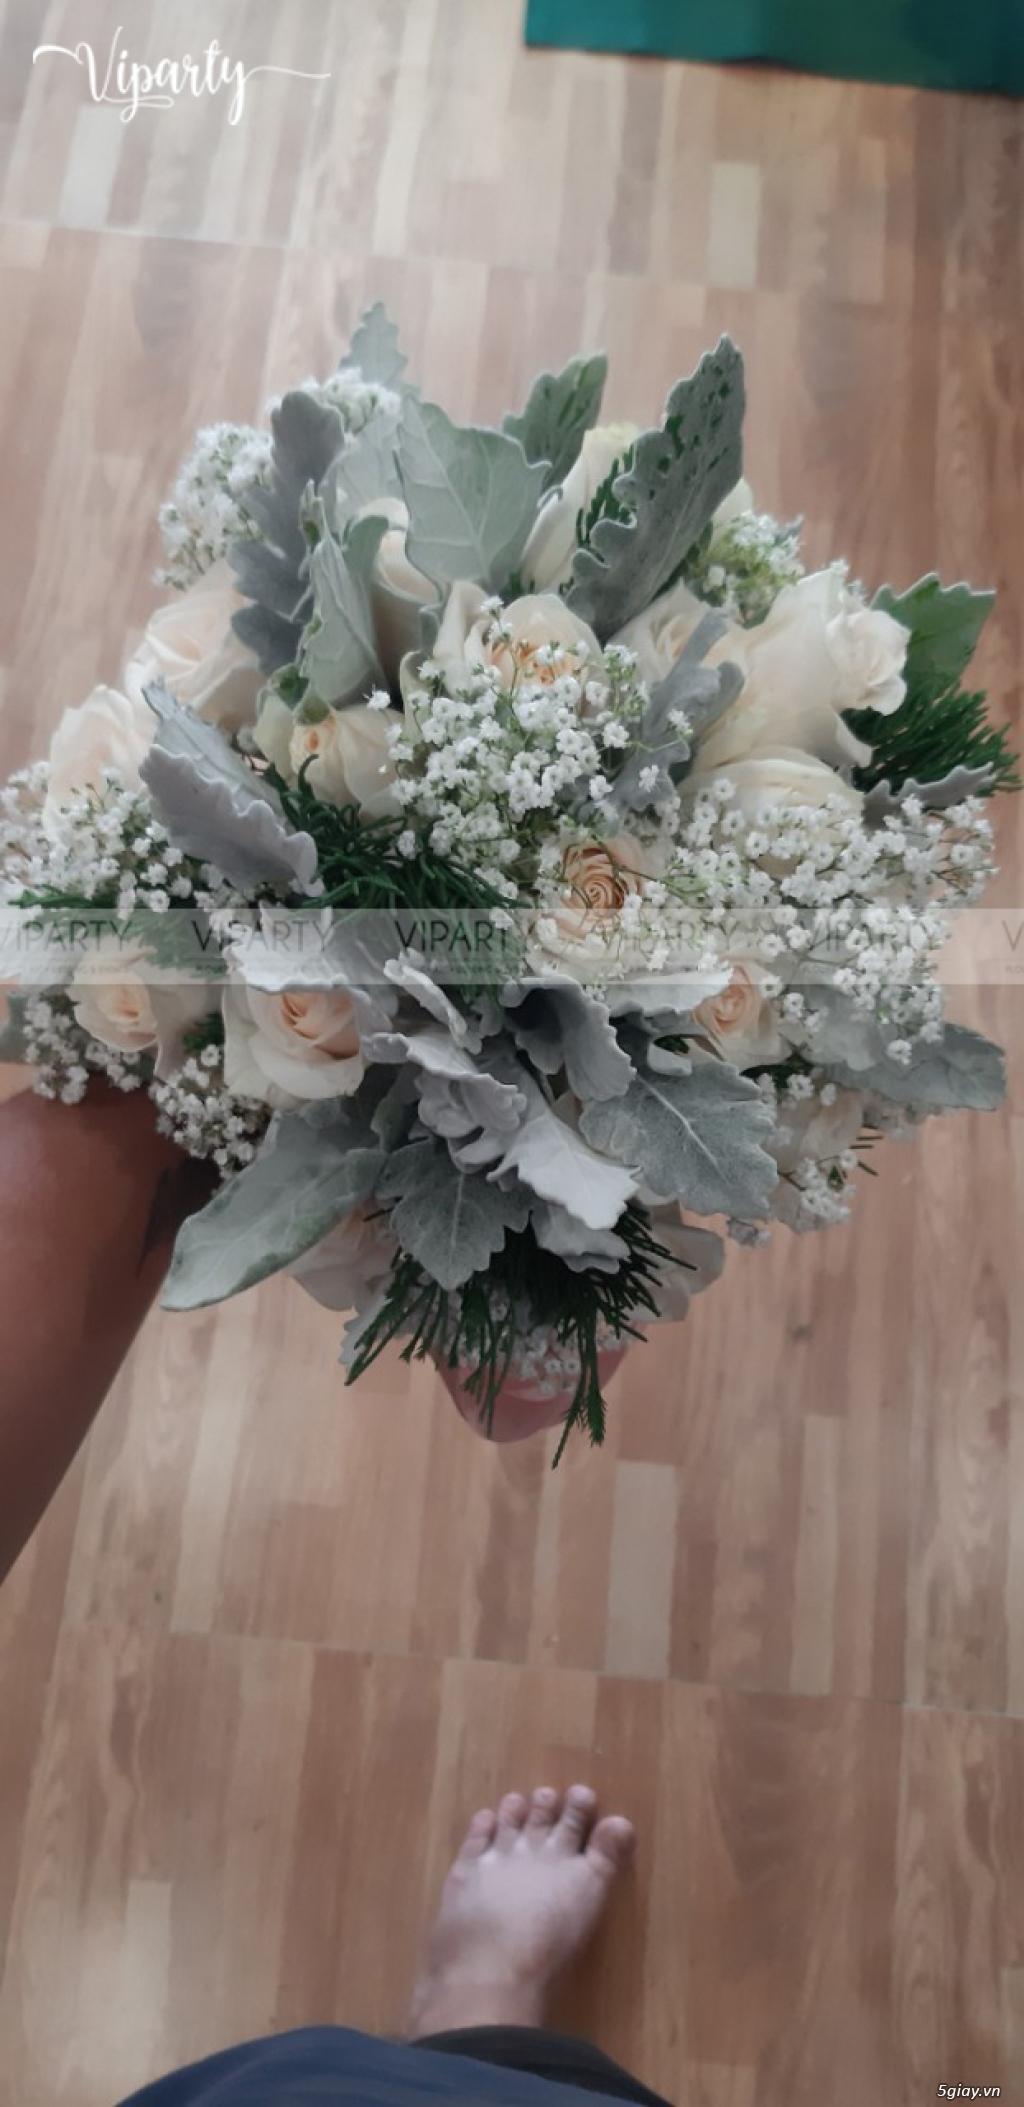 Chuyên cung cấp: Hoa cầm tay Cô Dâu & Hoa Sự Kiện : Wedding & Events - 29